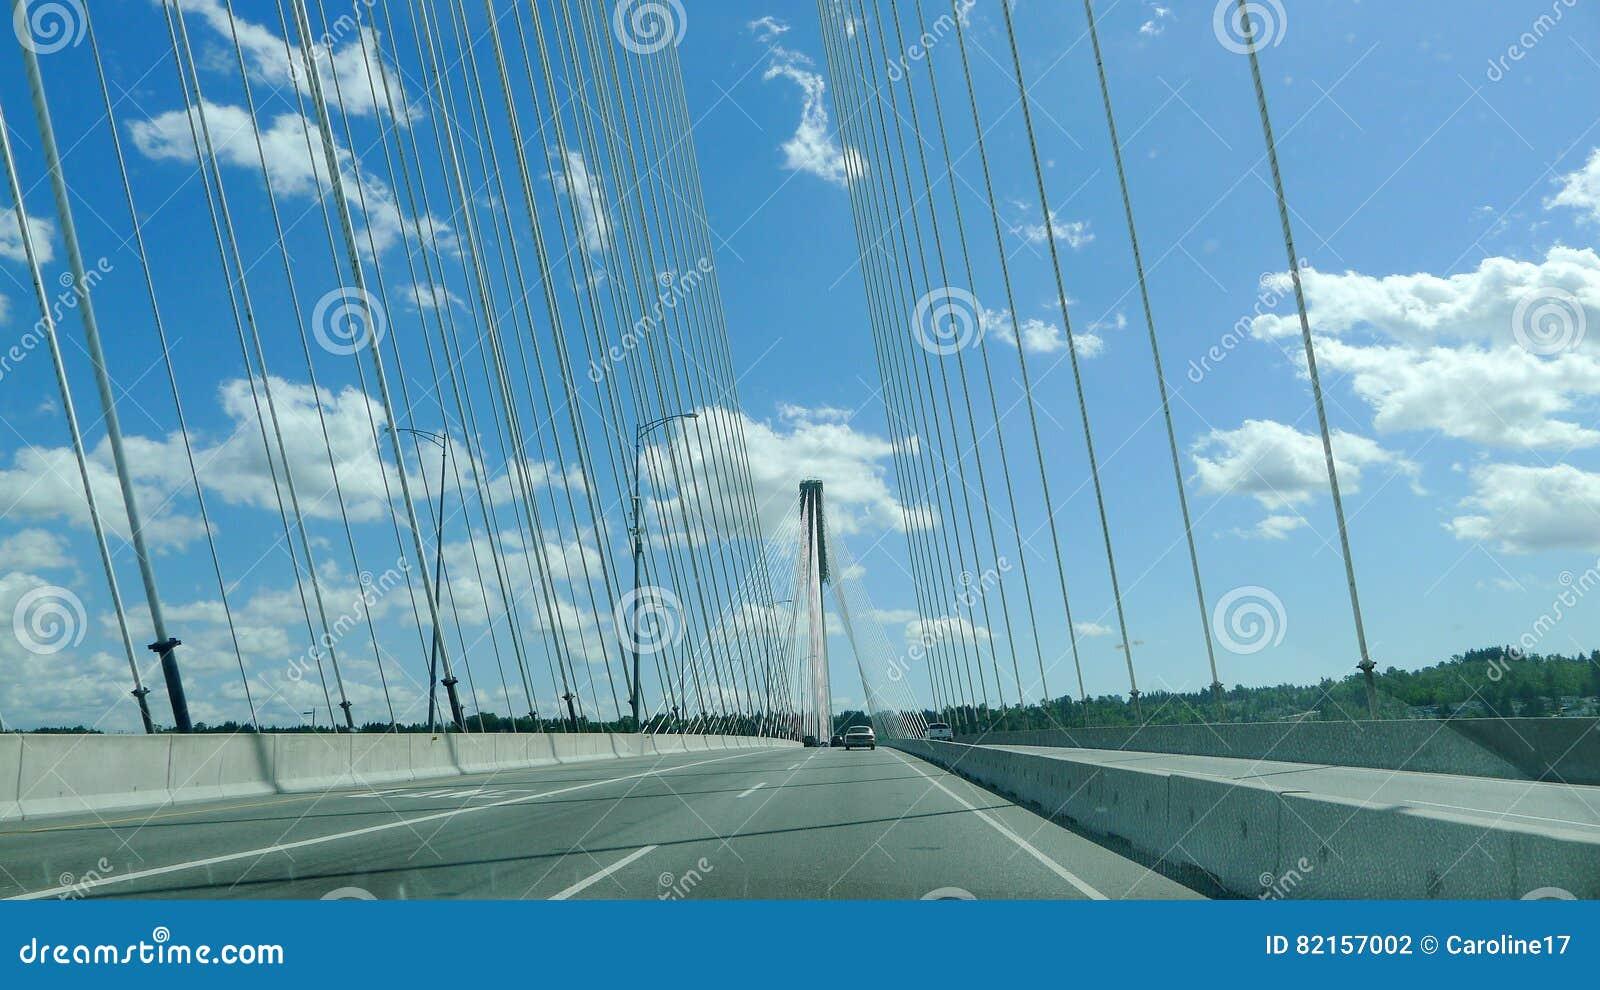 Hafen-Mann-Hängebrücke